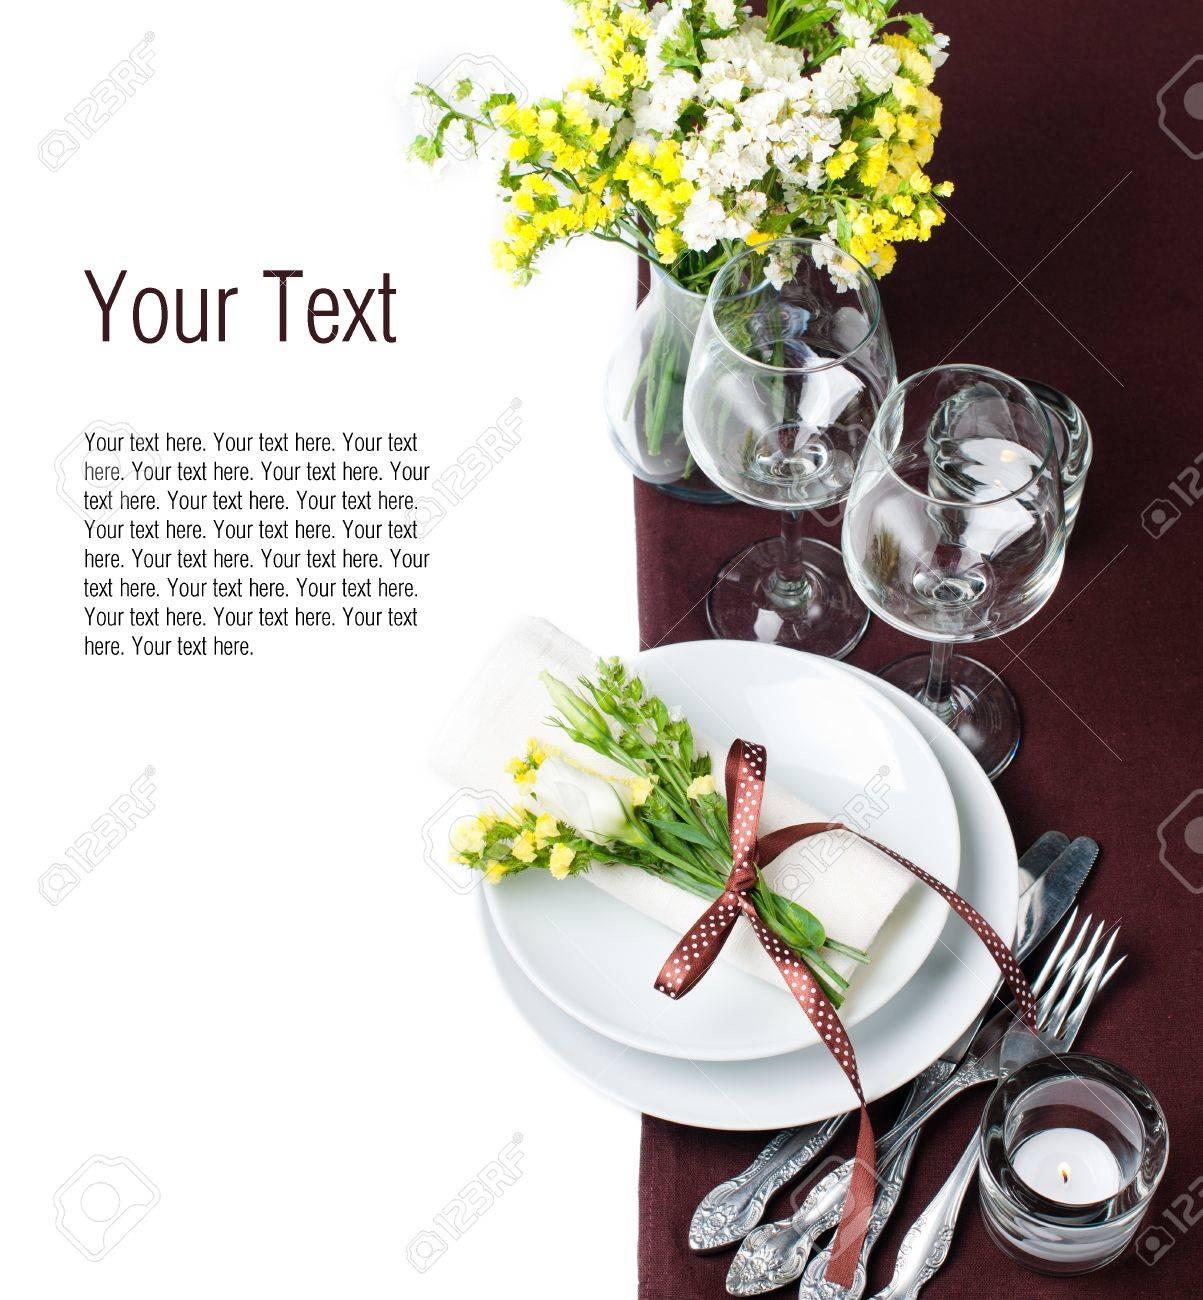 Reglage De Table De Fete Et De La Decoration Avec Des Fleurs